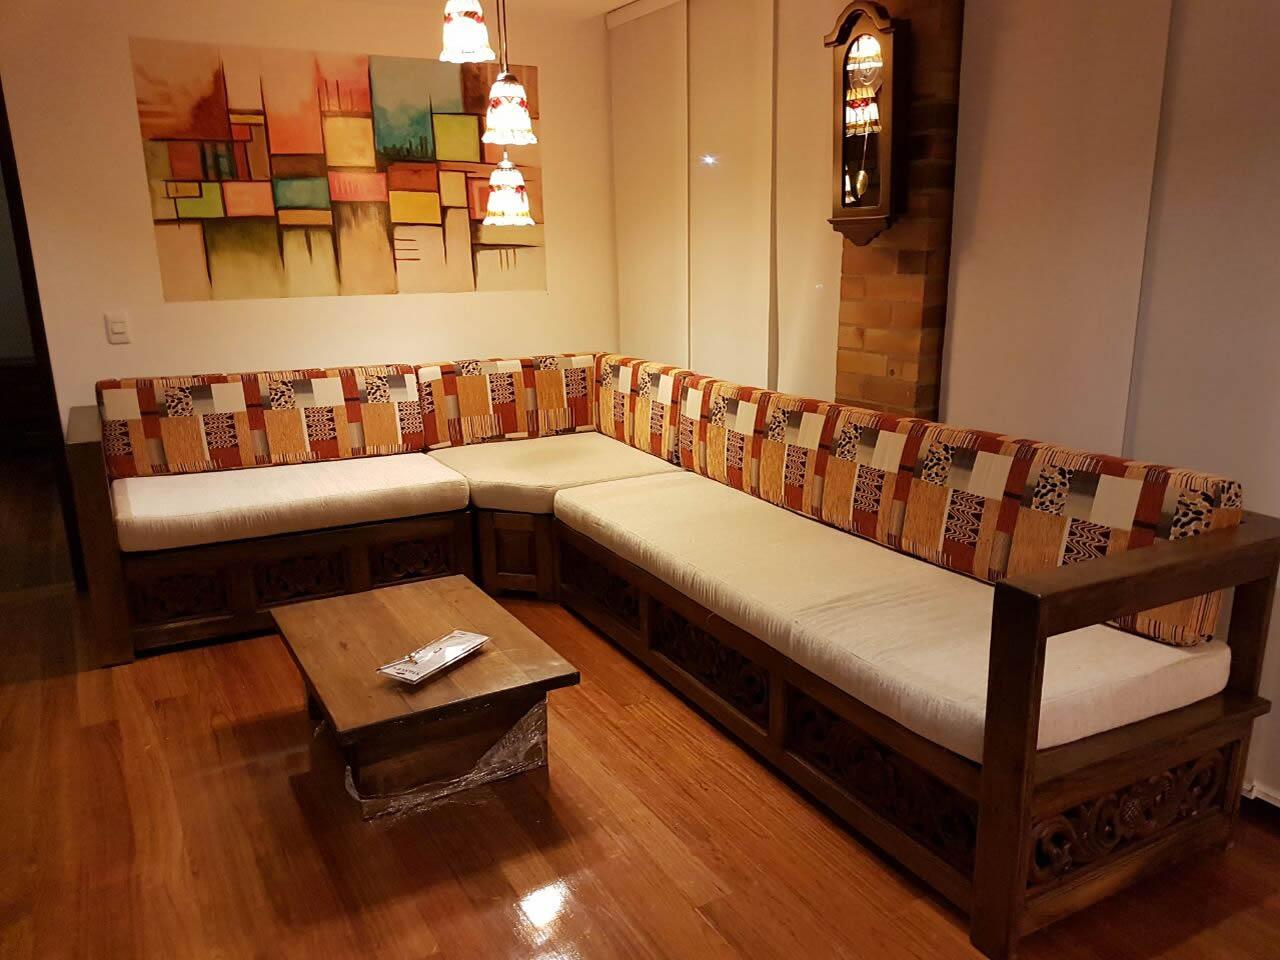 Venta Muebles R Sticos Bogot Cedritos Guarda Bosques # Fotos Muebles Rusticos